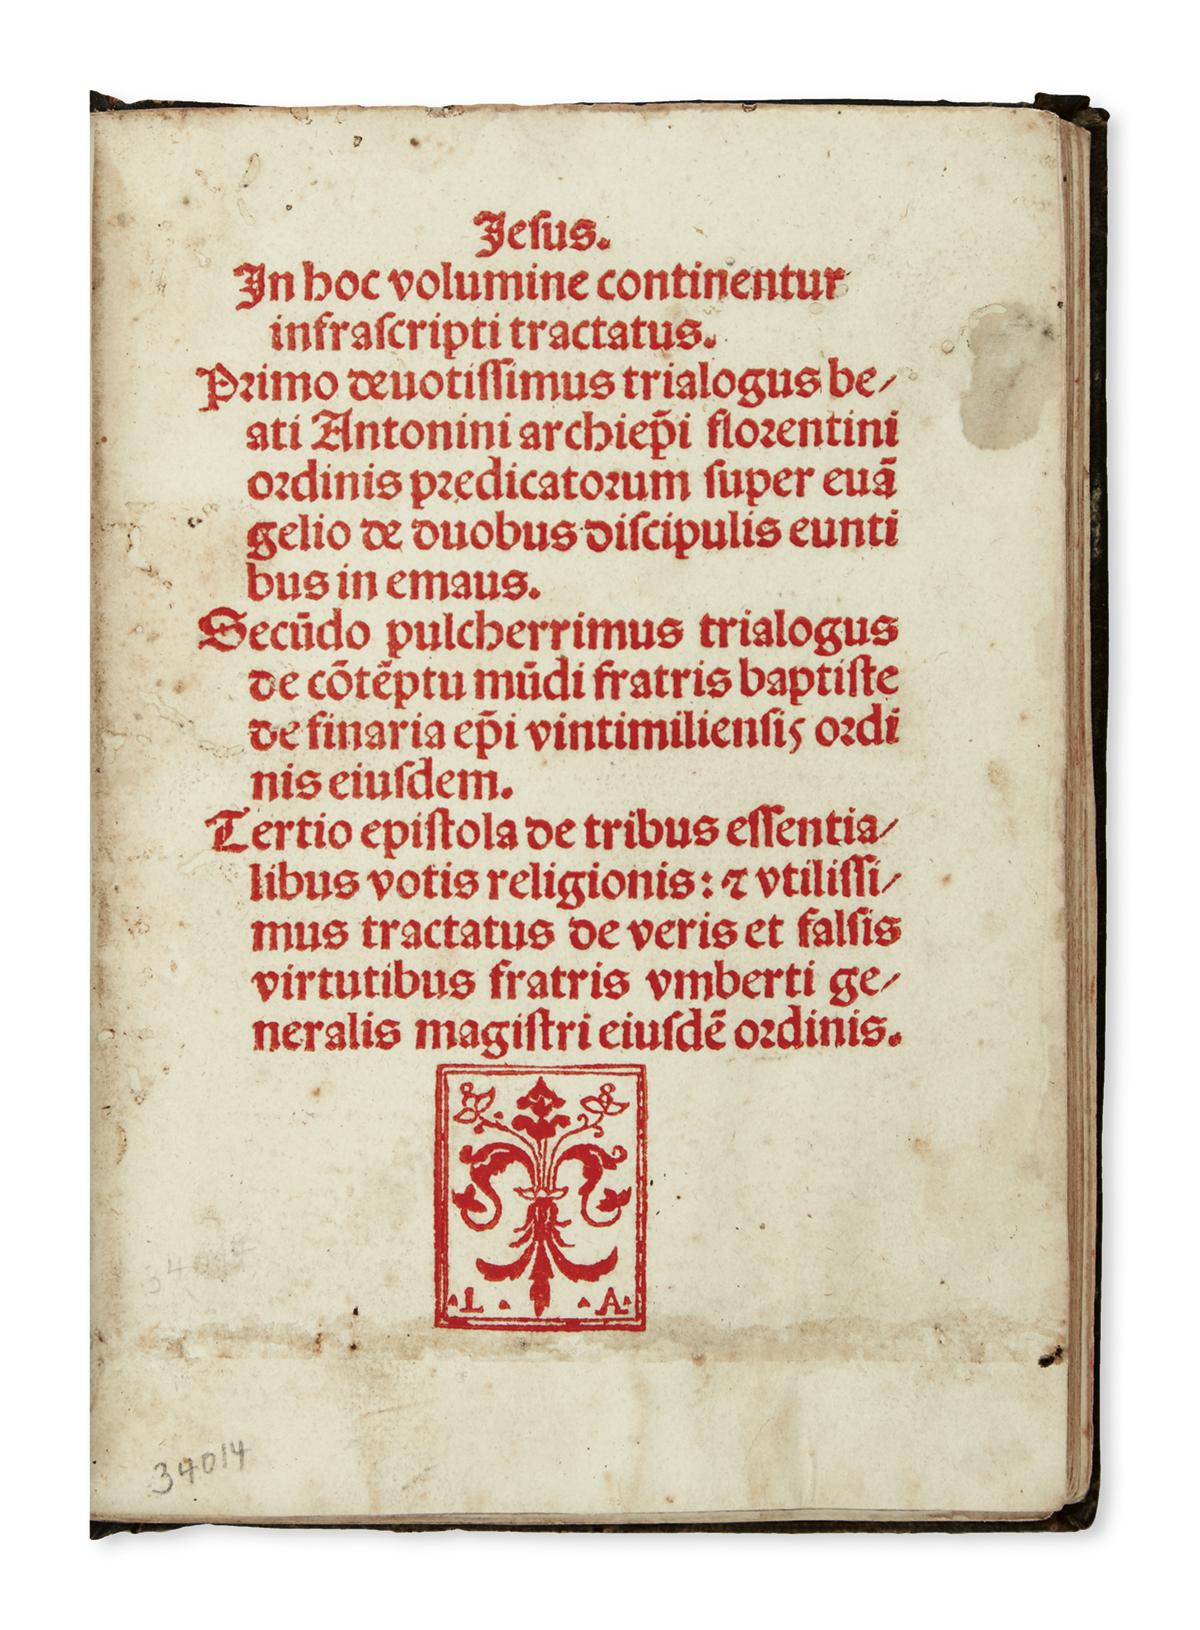 INCUNABULA--ANTONINUS-FLORENTINUS-Saint-Trialogus-super-evan